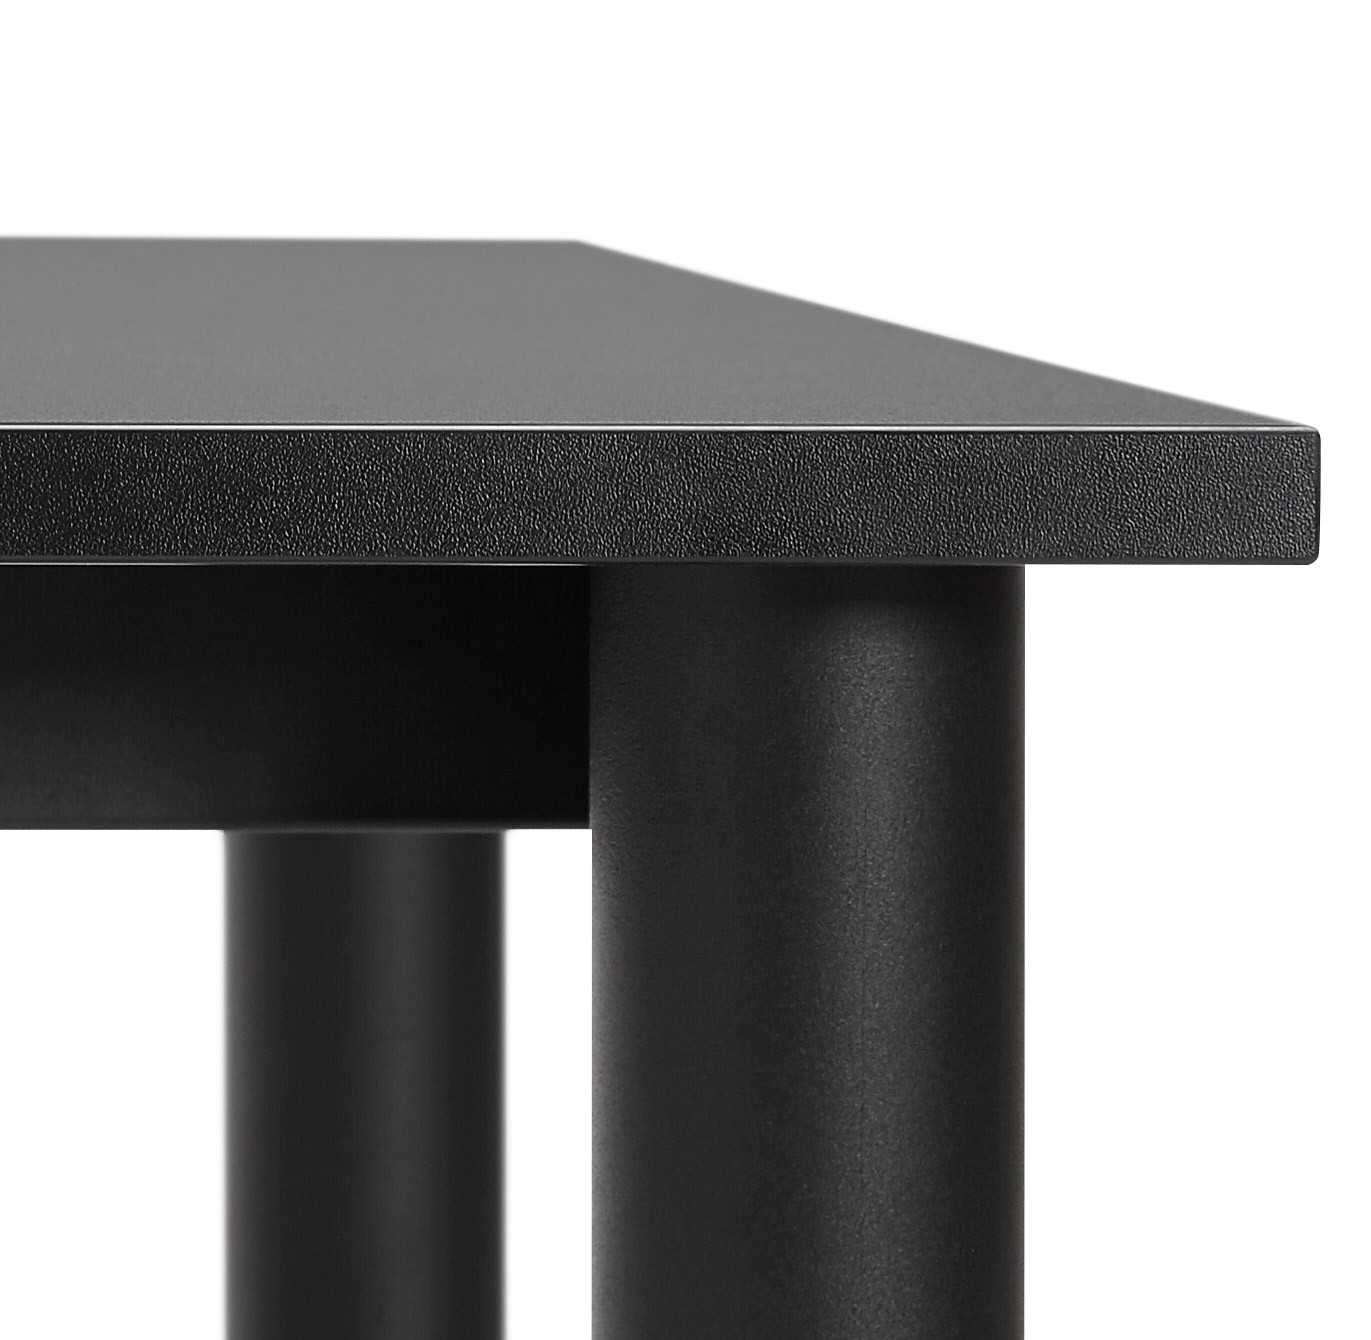 Bureau Design Gebruikt.Zwart Design Bureau Focus Vergadertafel 160x80 Cm